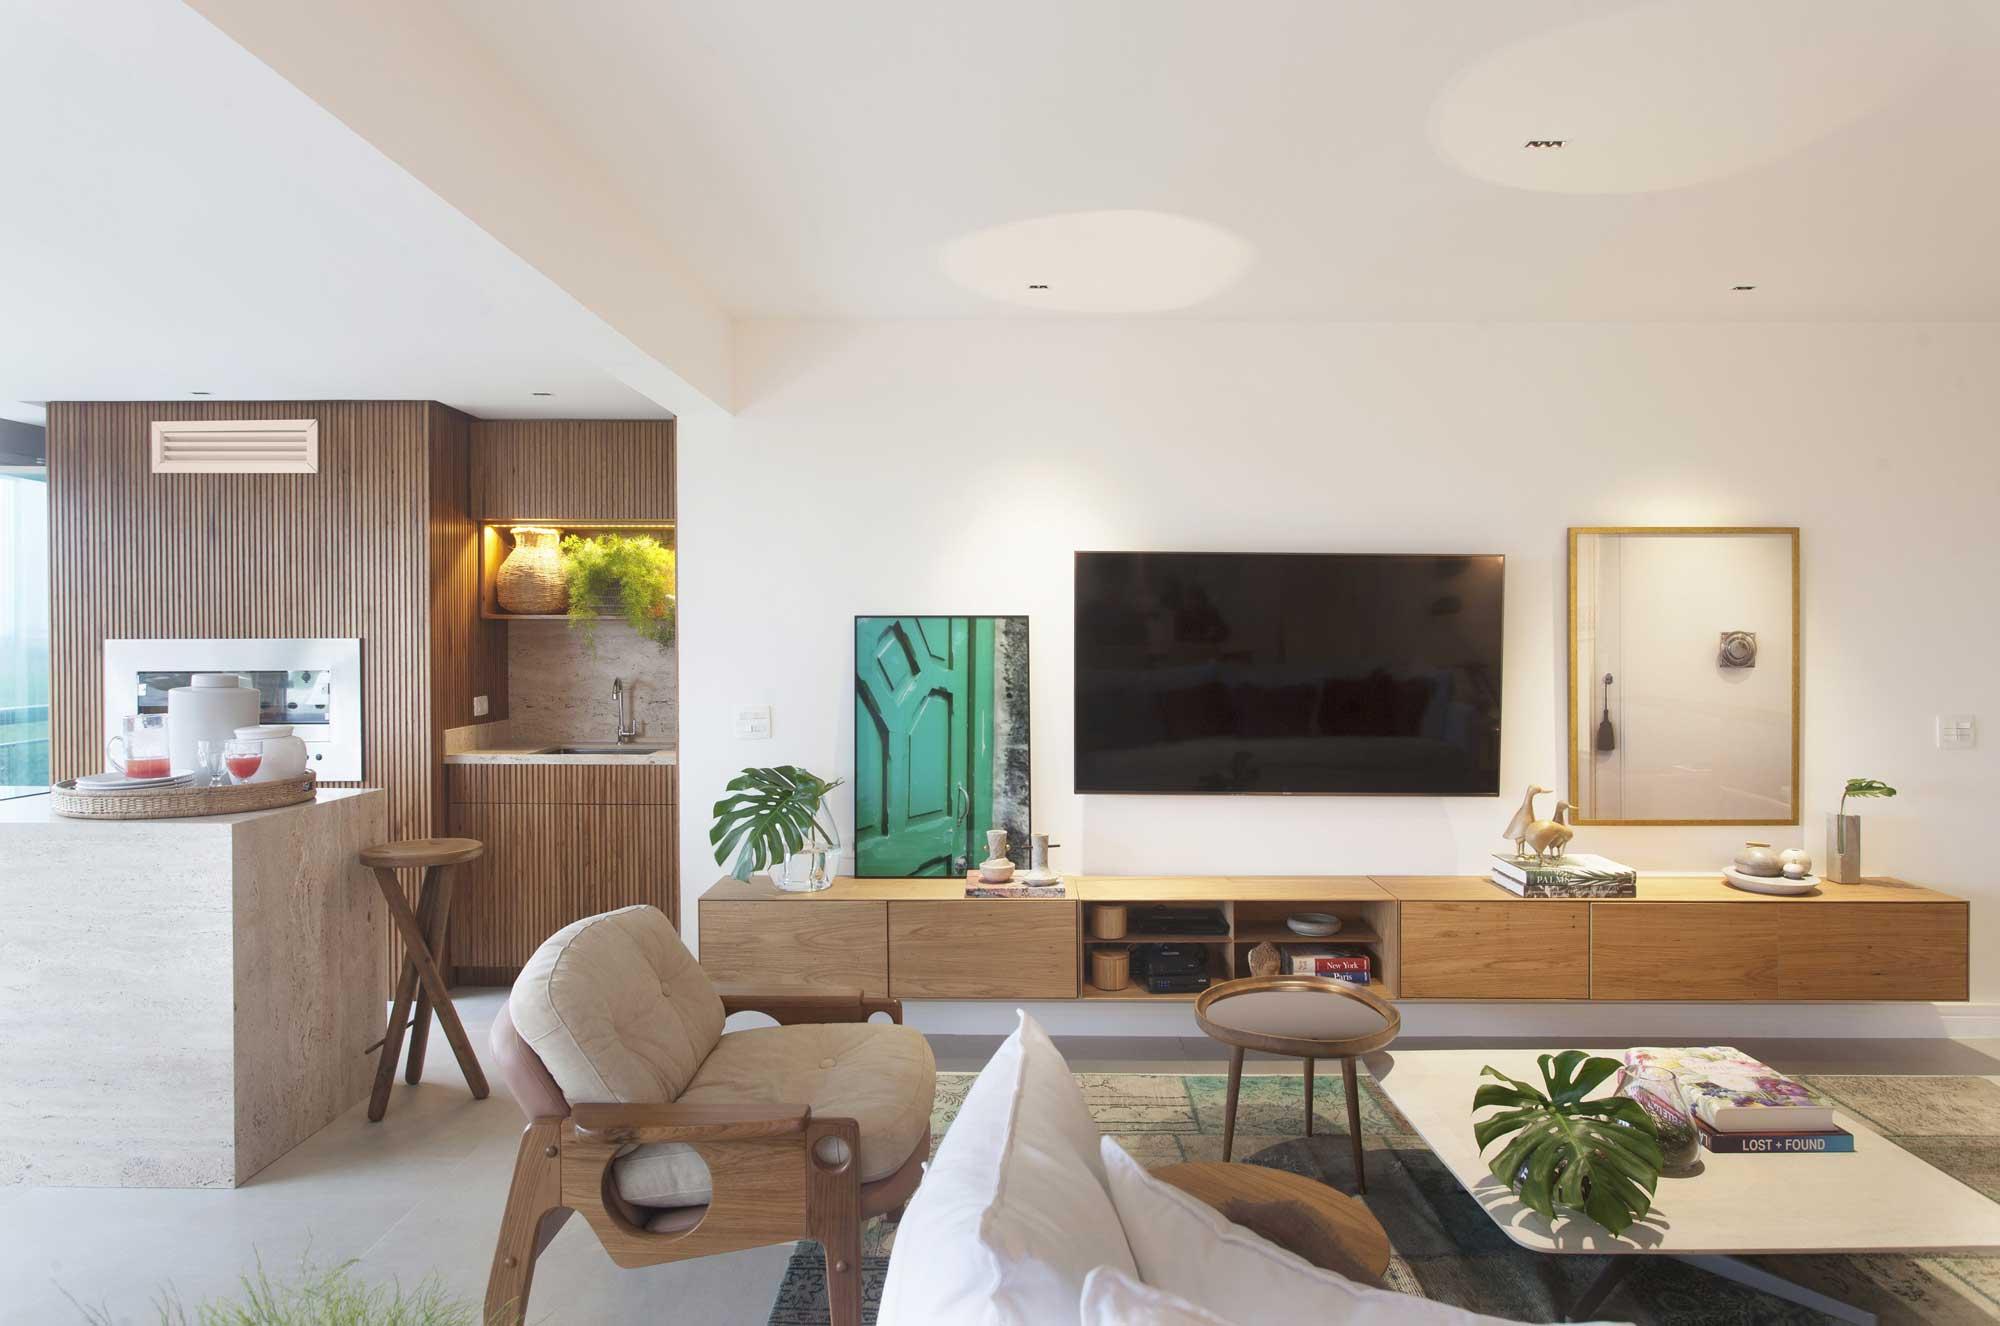 Paola Ribeiro projeta apartamento da apresentadora carioca Vivi Guimarães